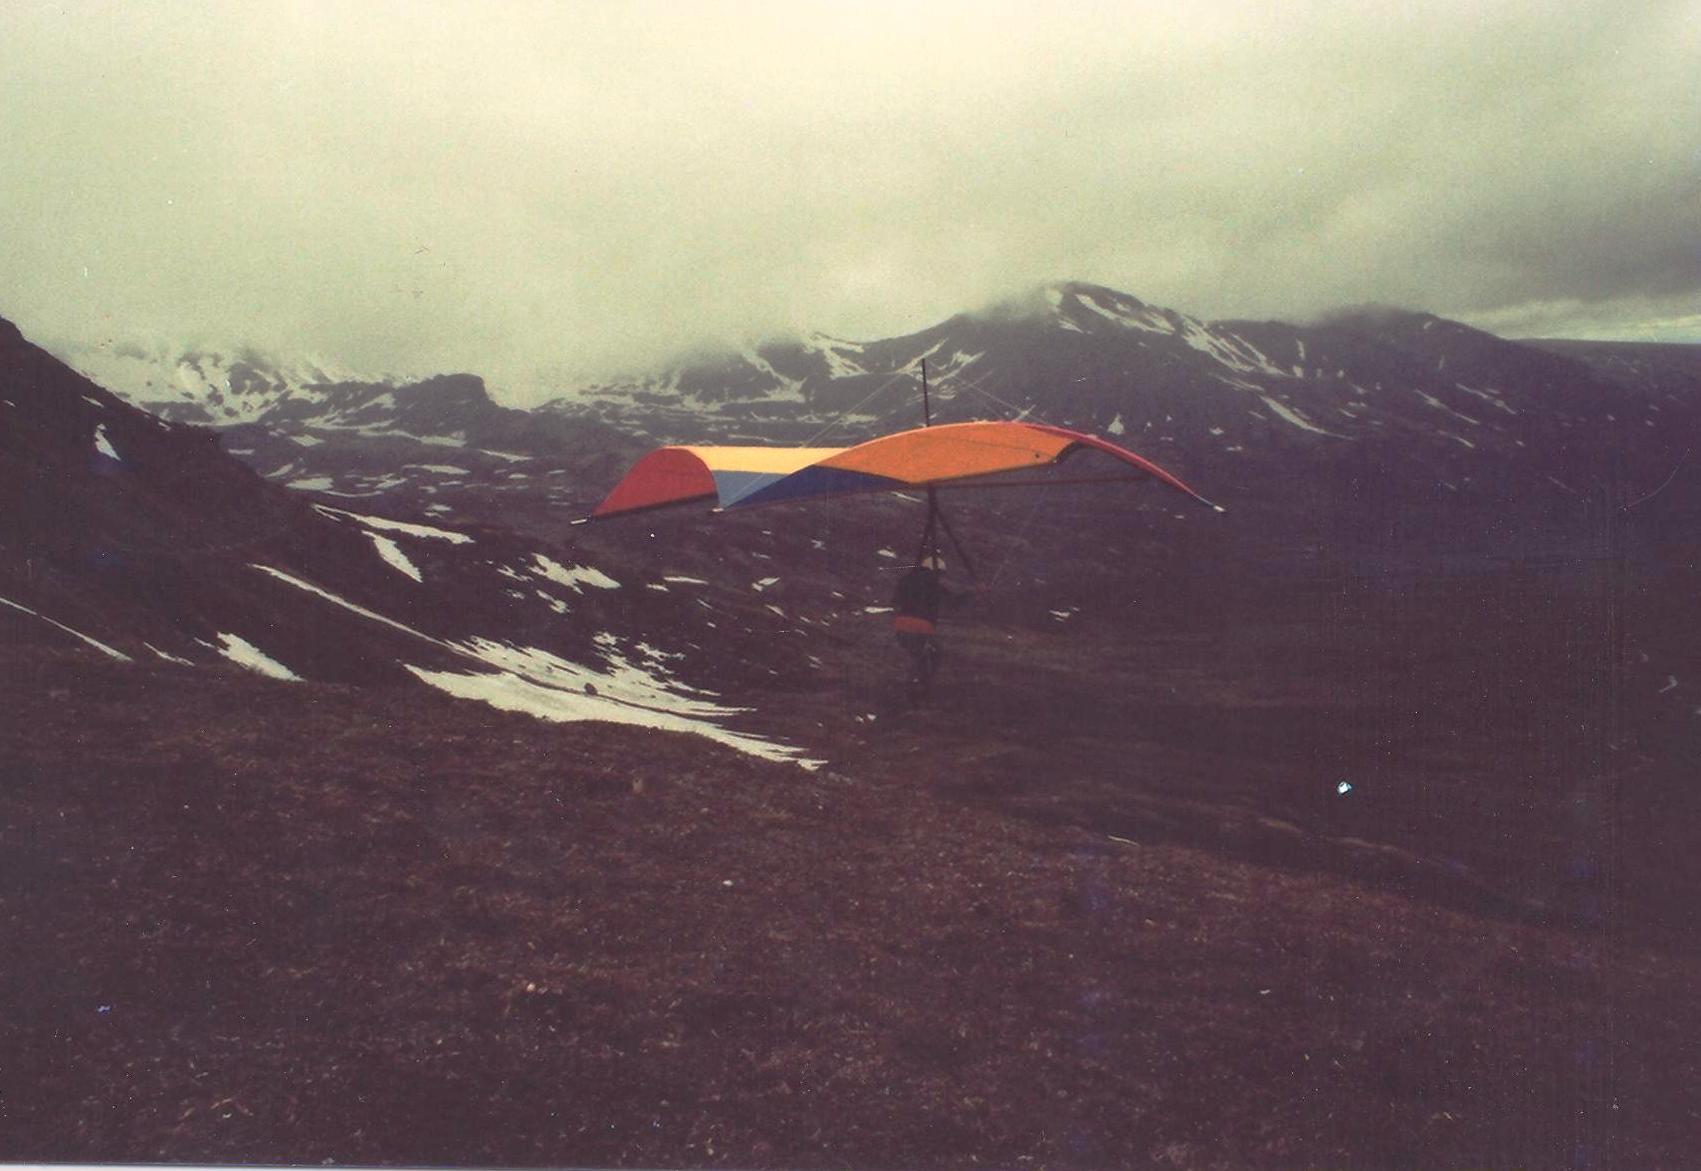 bill-sheka-hatchers-pass-july-3-1975-takeoff-seagull-3